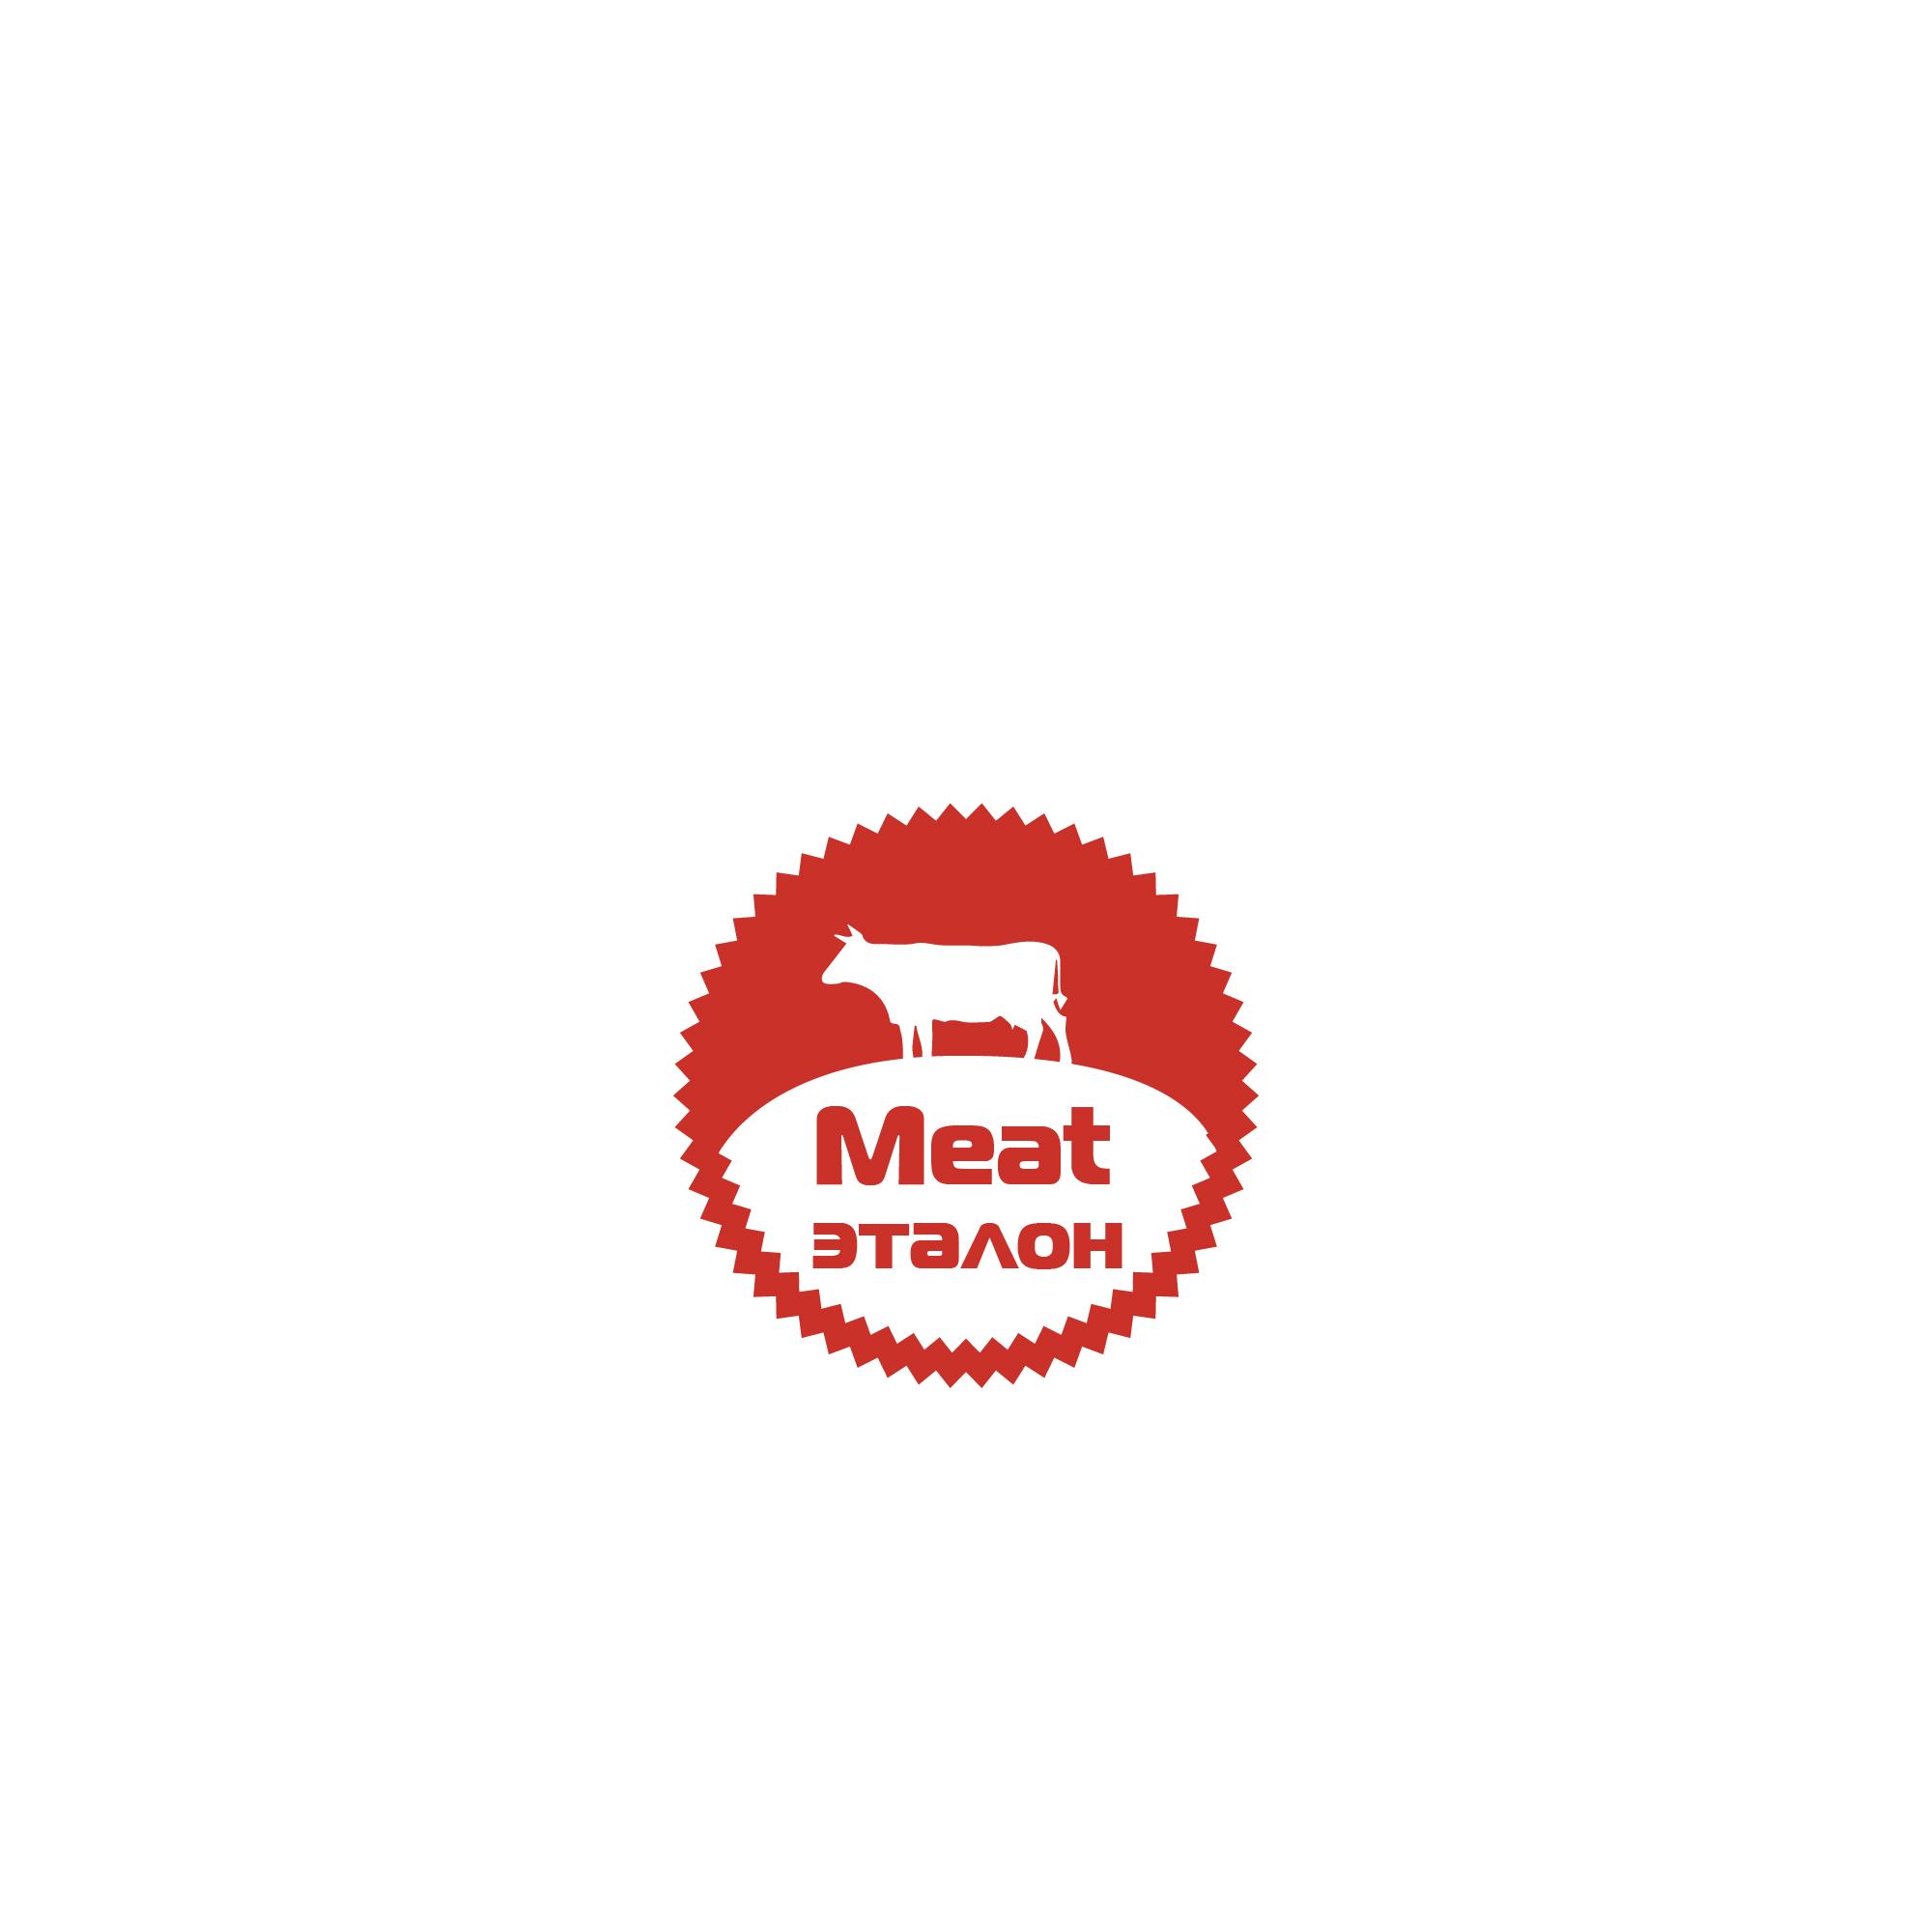 Логотип компании «Meat эталон» фото f_3845703ca579decd.jpg